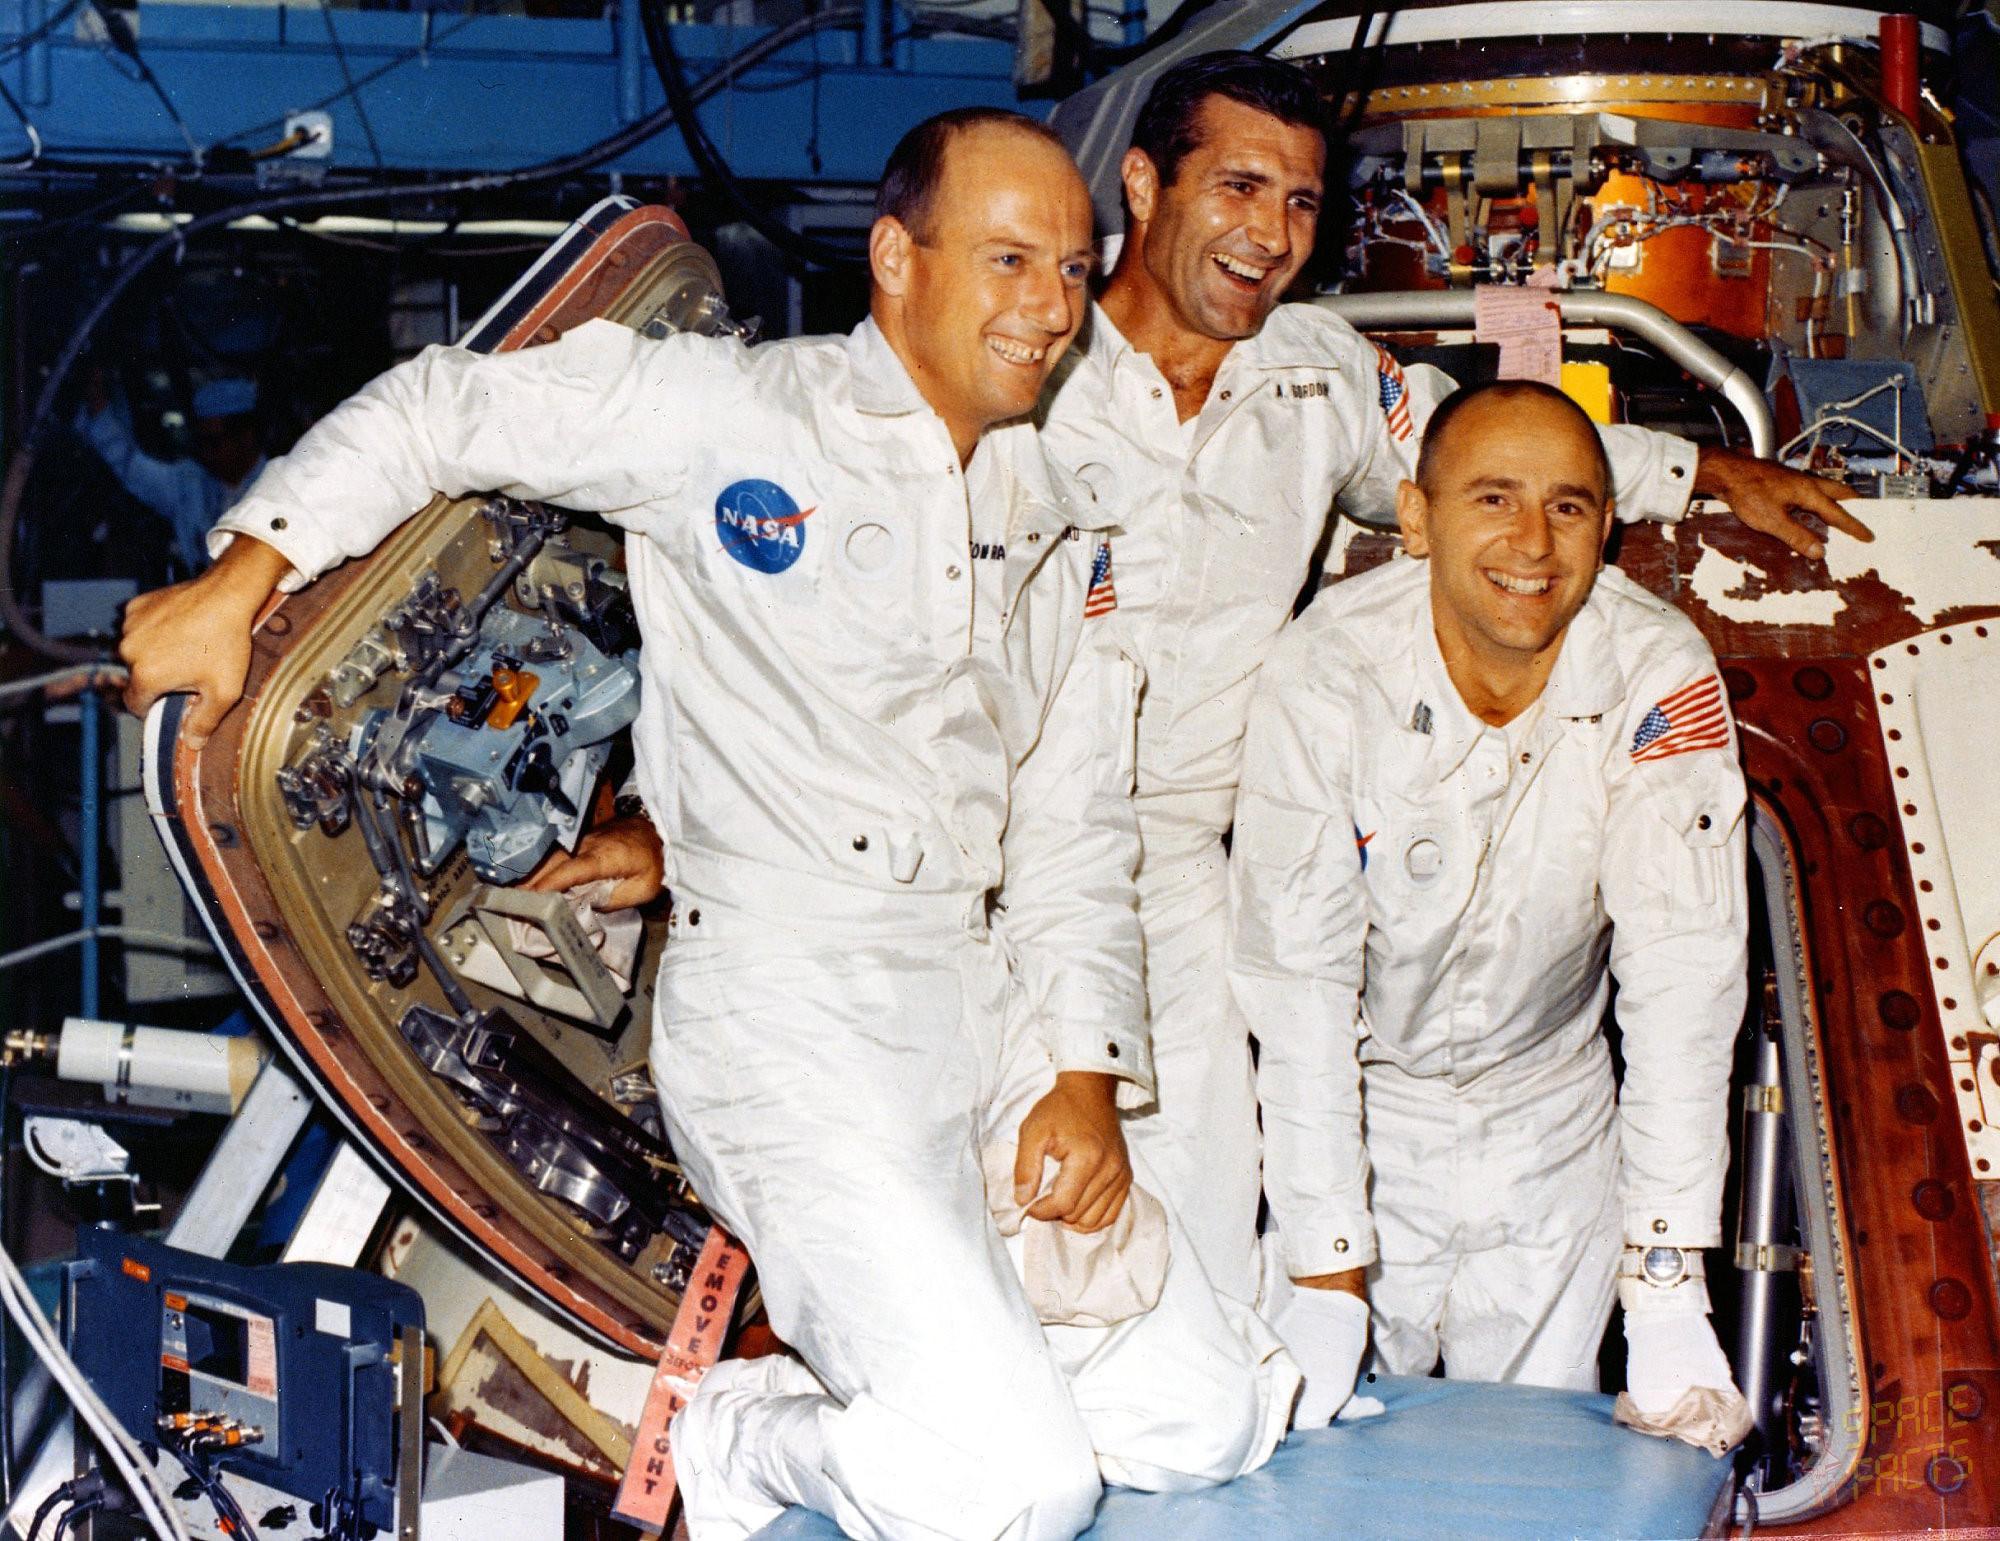 apollo 12 mission report - photo #33